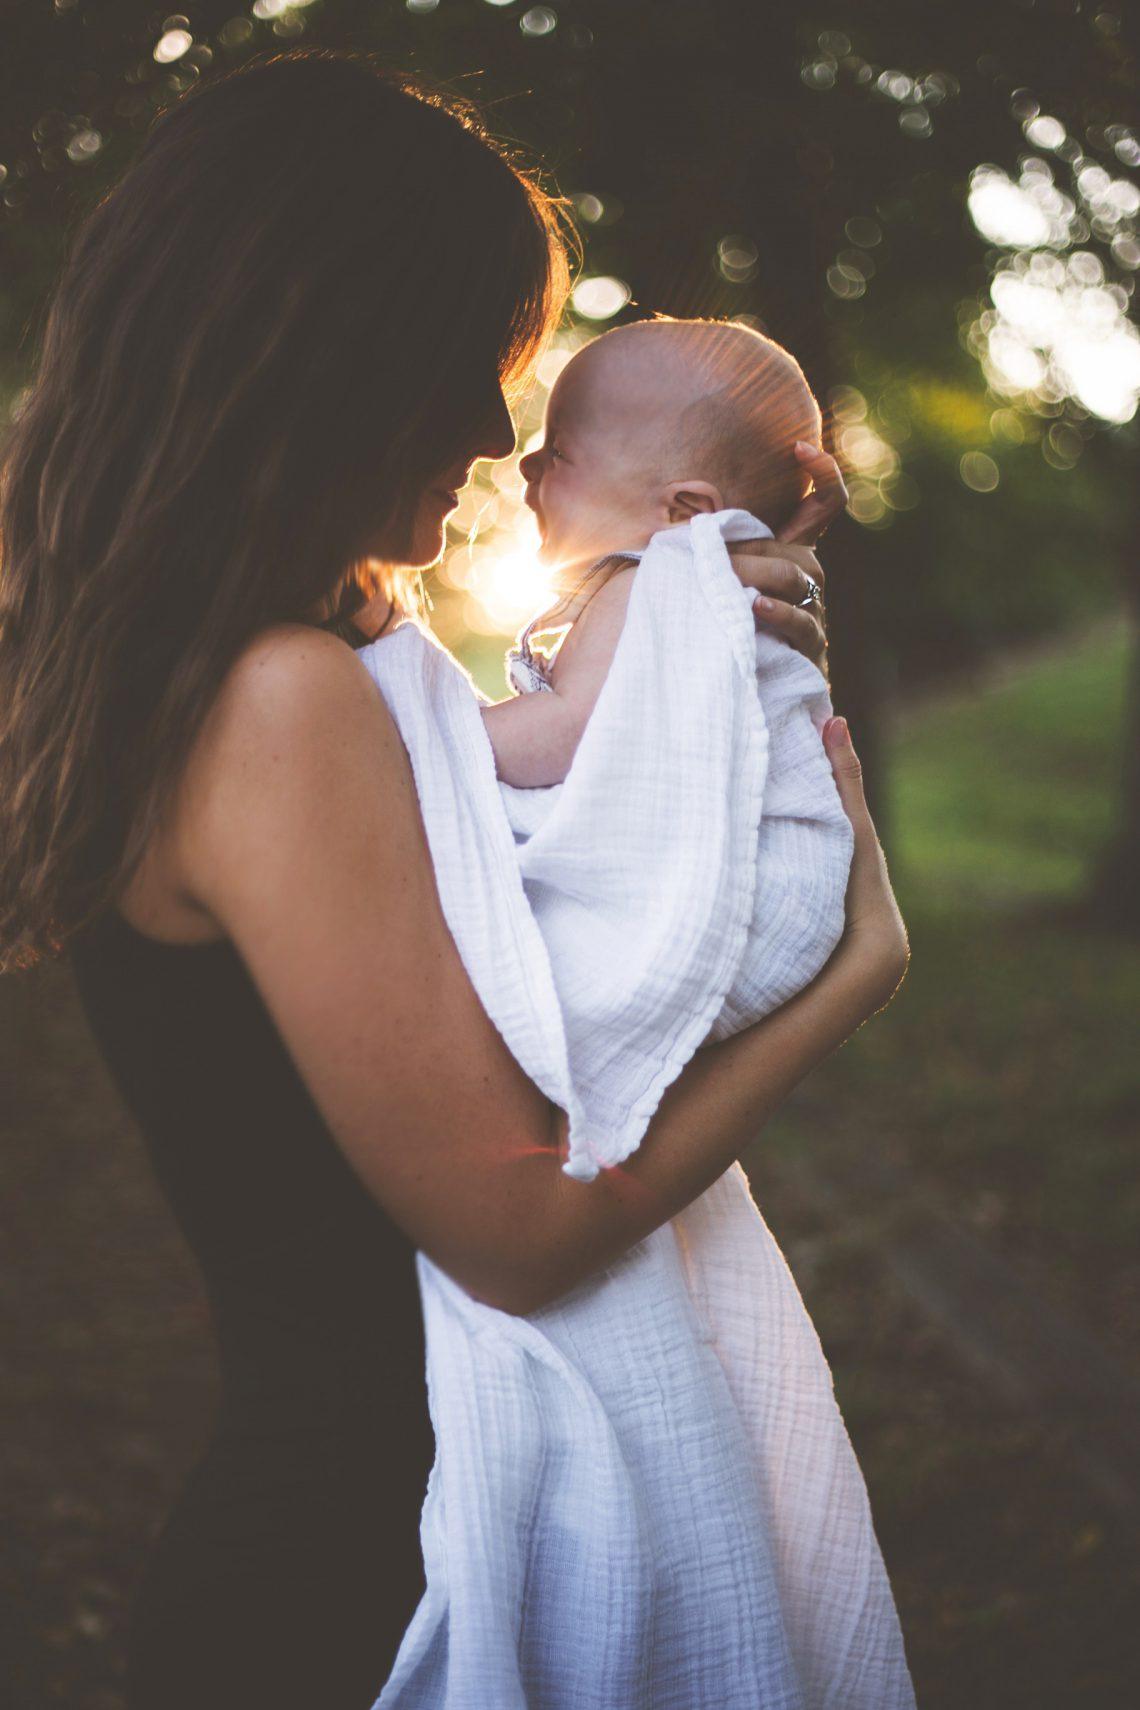 zwangerschap verandert brein van vrouw